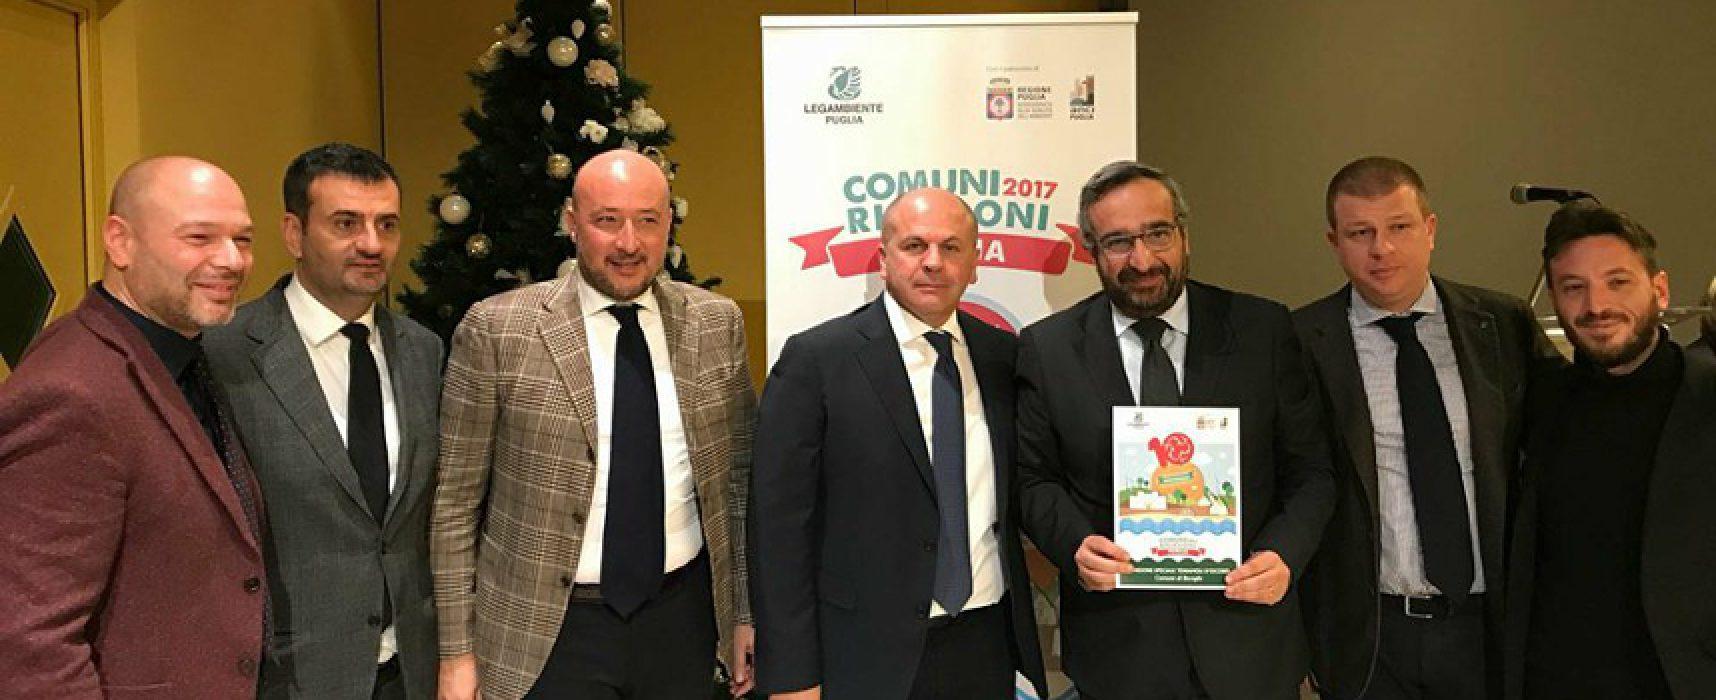 """Legambiente Puglia presenta X edizione """"Comuni Ricicloni"""", Bisceglie al 61,3% di differenziata"""